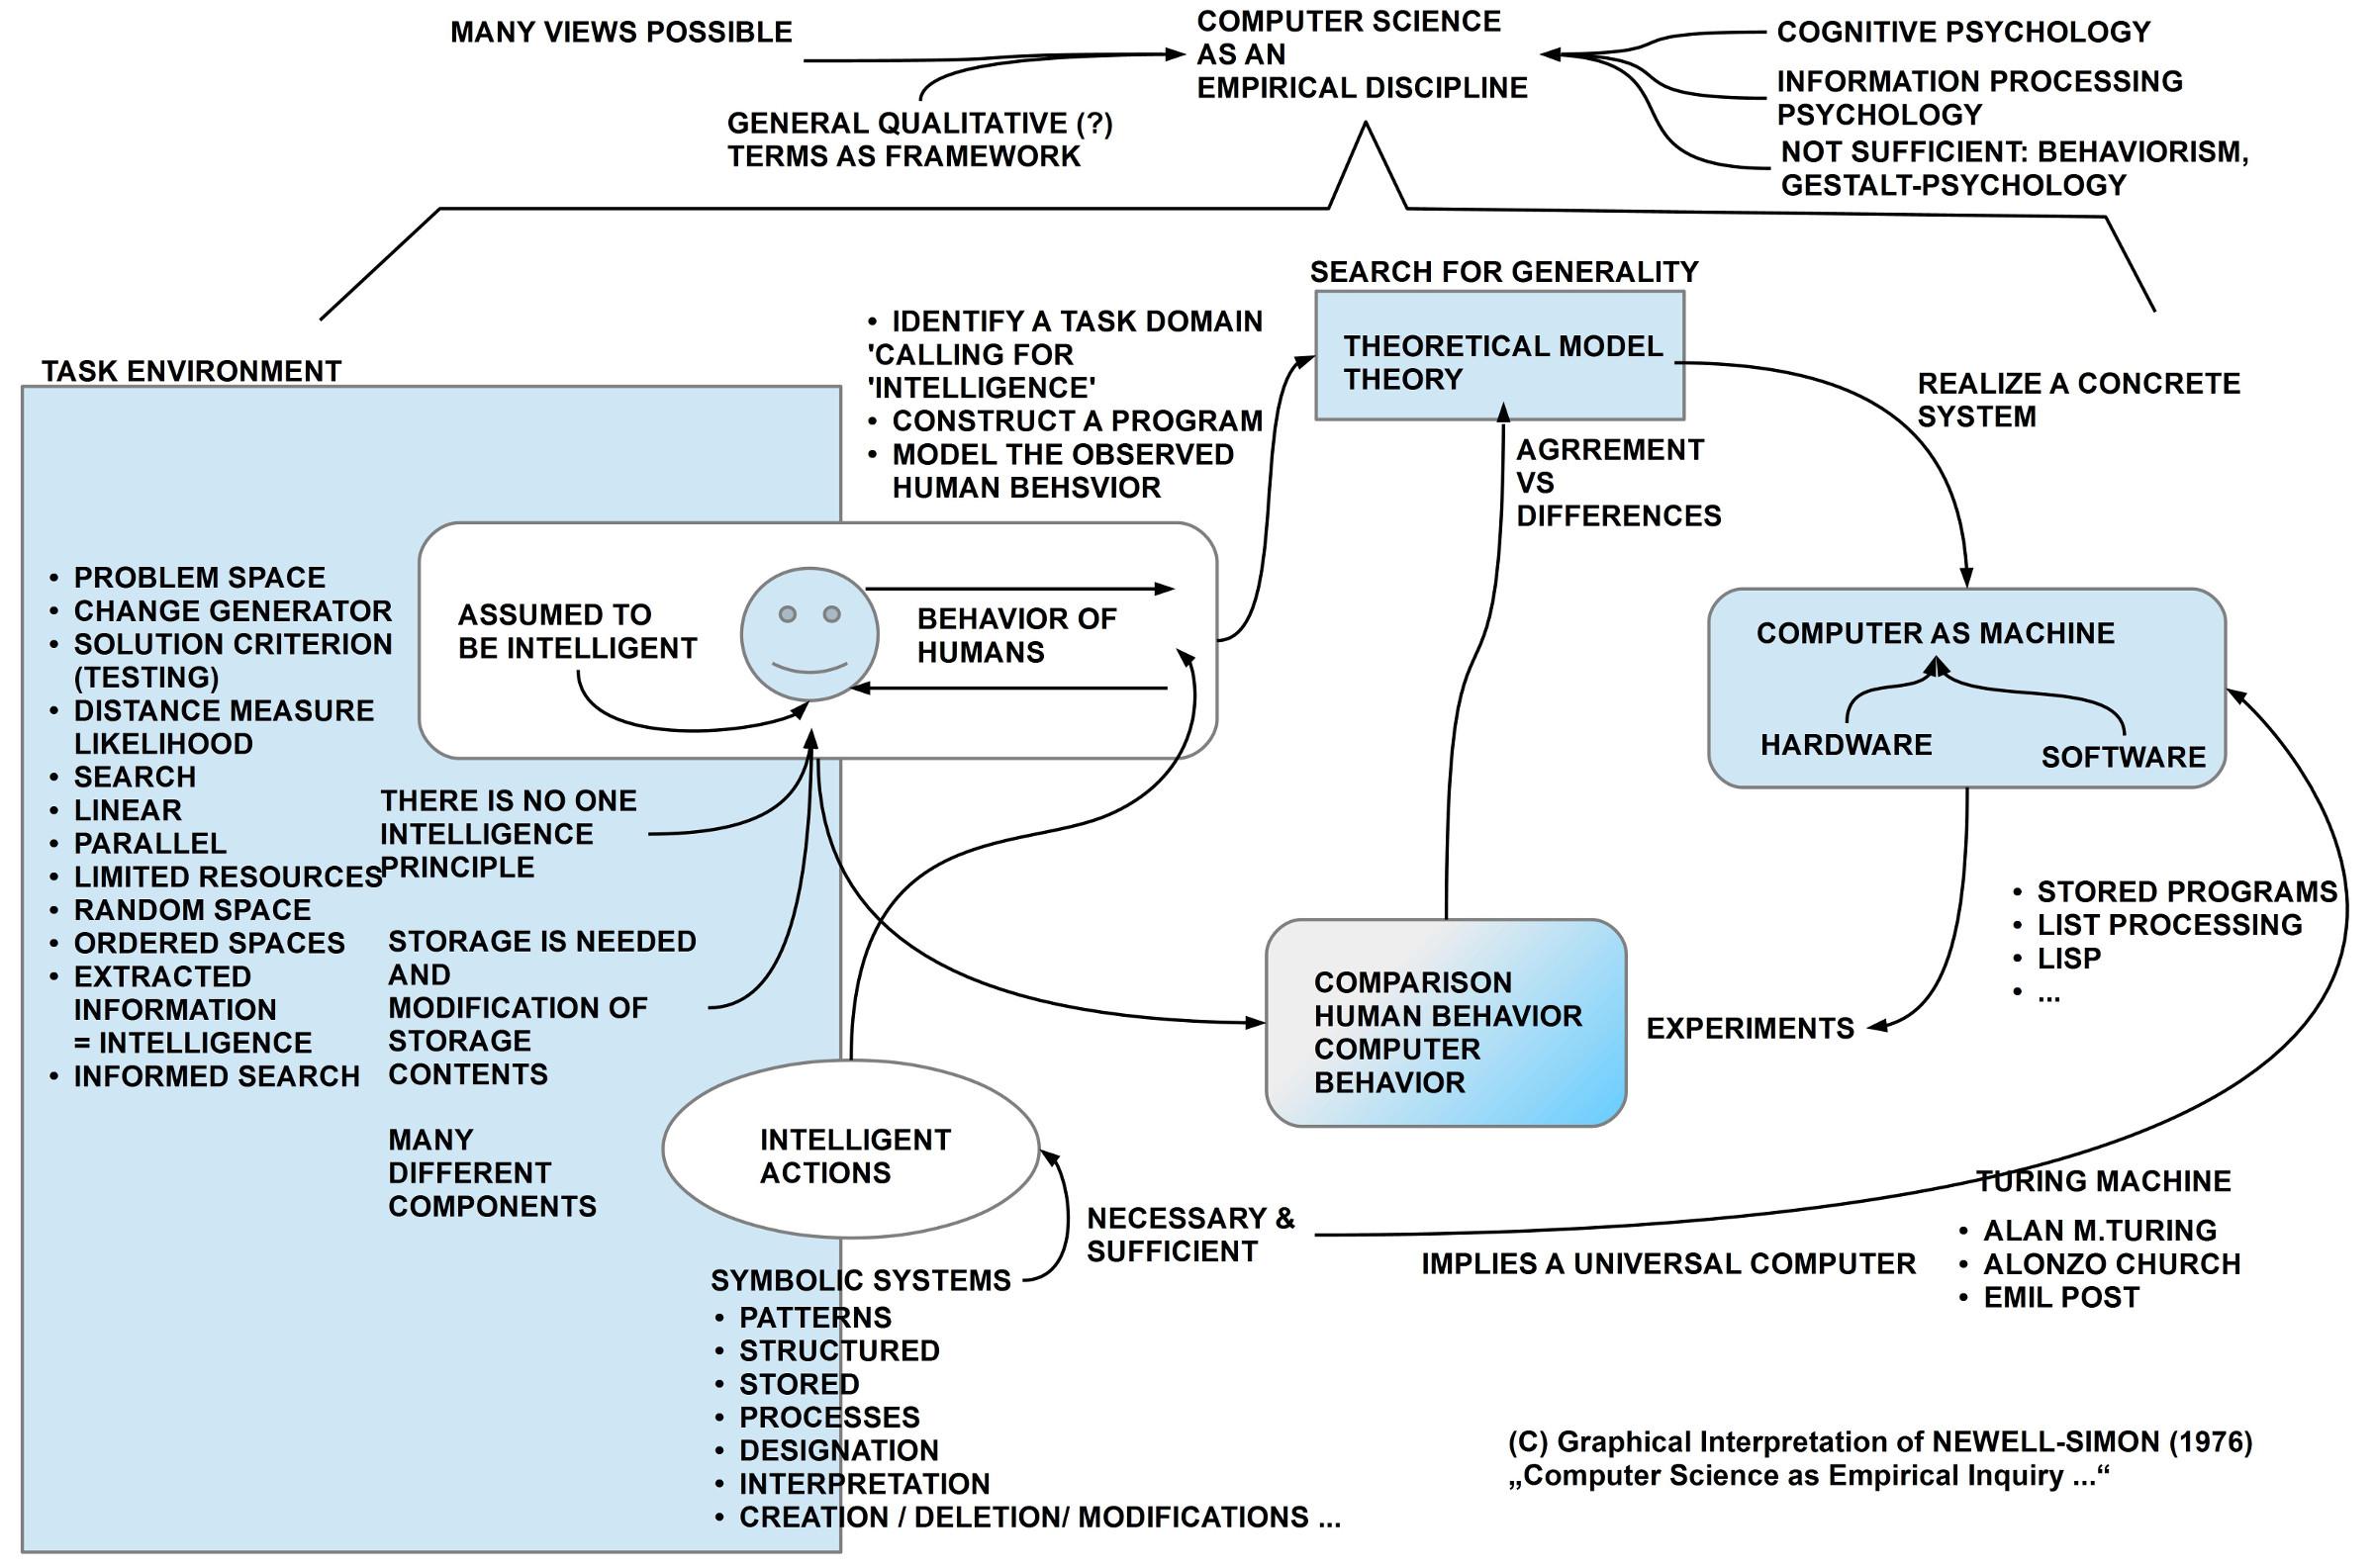 Informatik als empirische Disziplin (nach Newell und Simon, 1976)